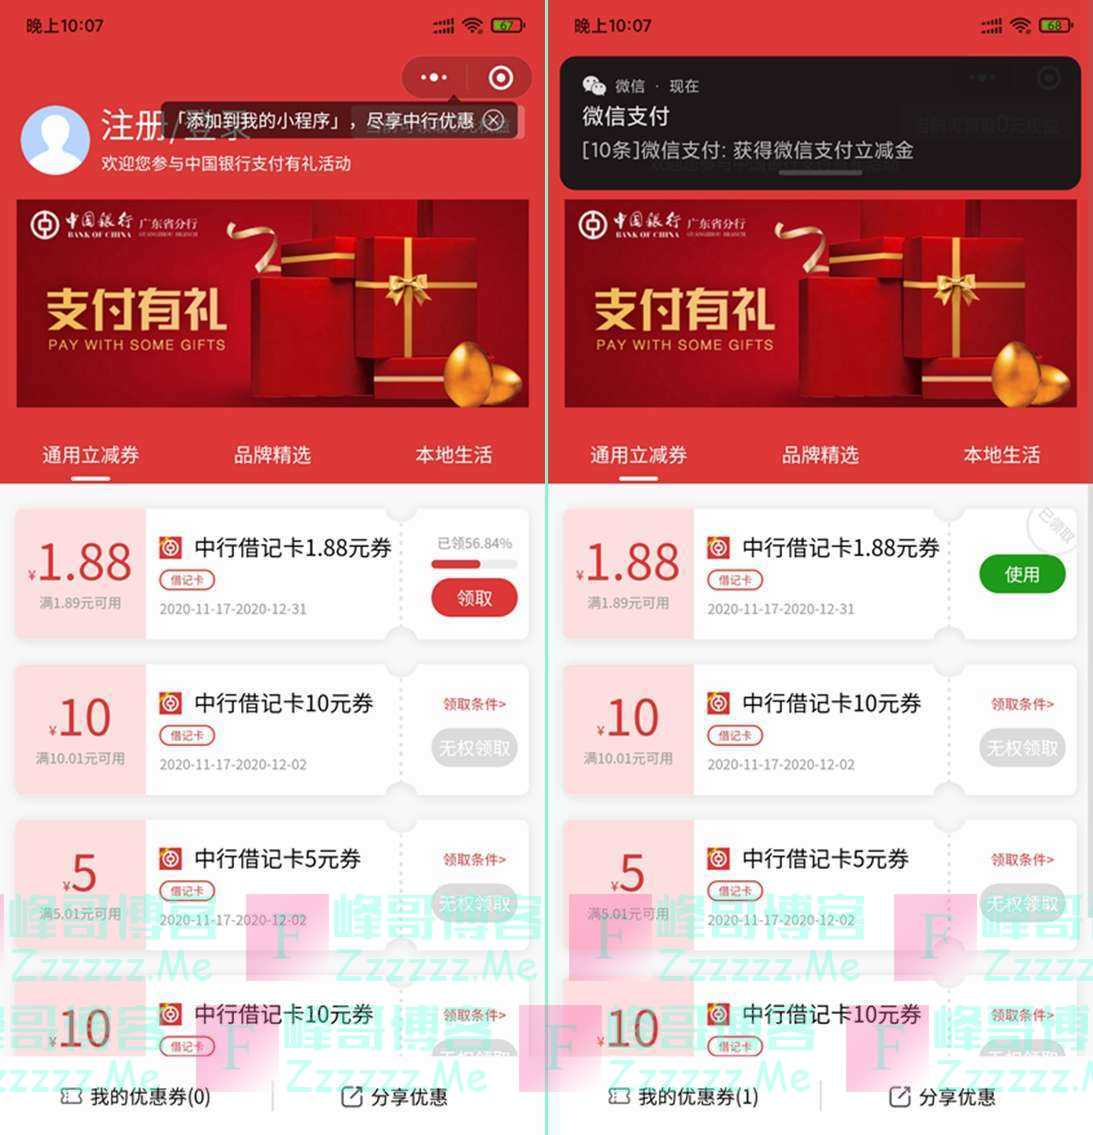 广东中国银行活动 无门槛免费领1.88元微信立减金